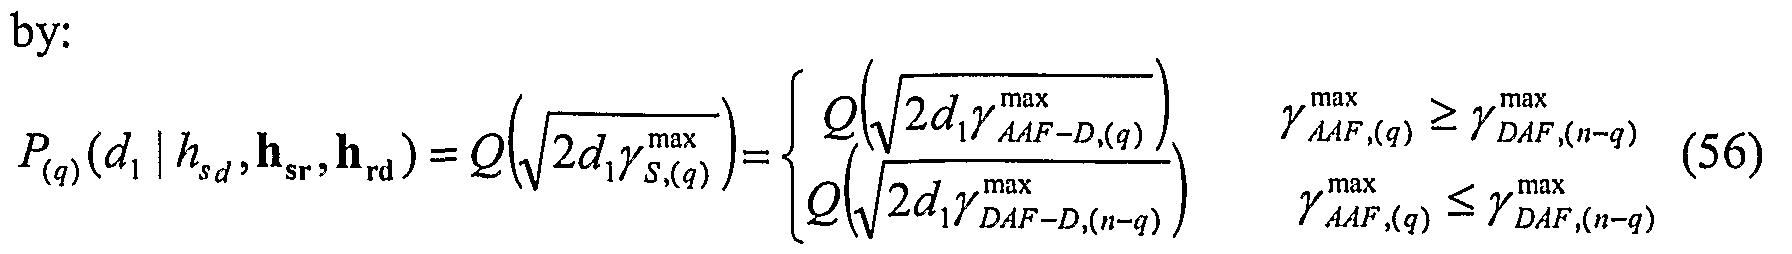 Figure imgf000019_0005